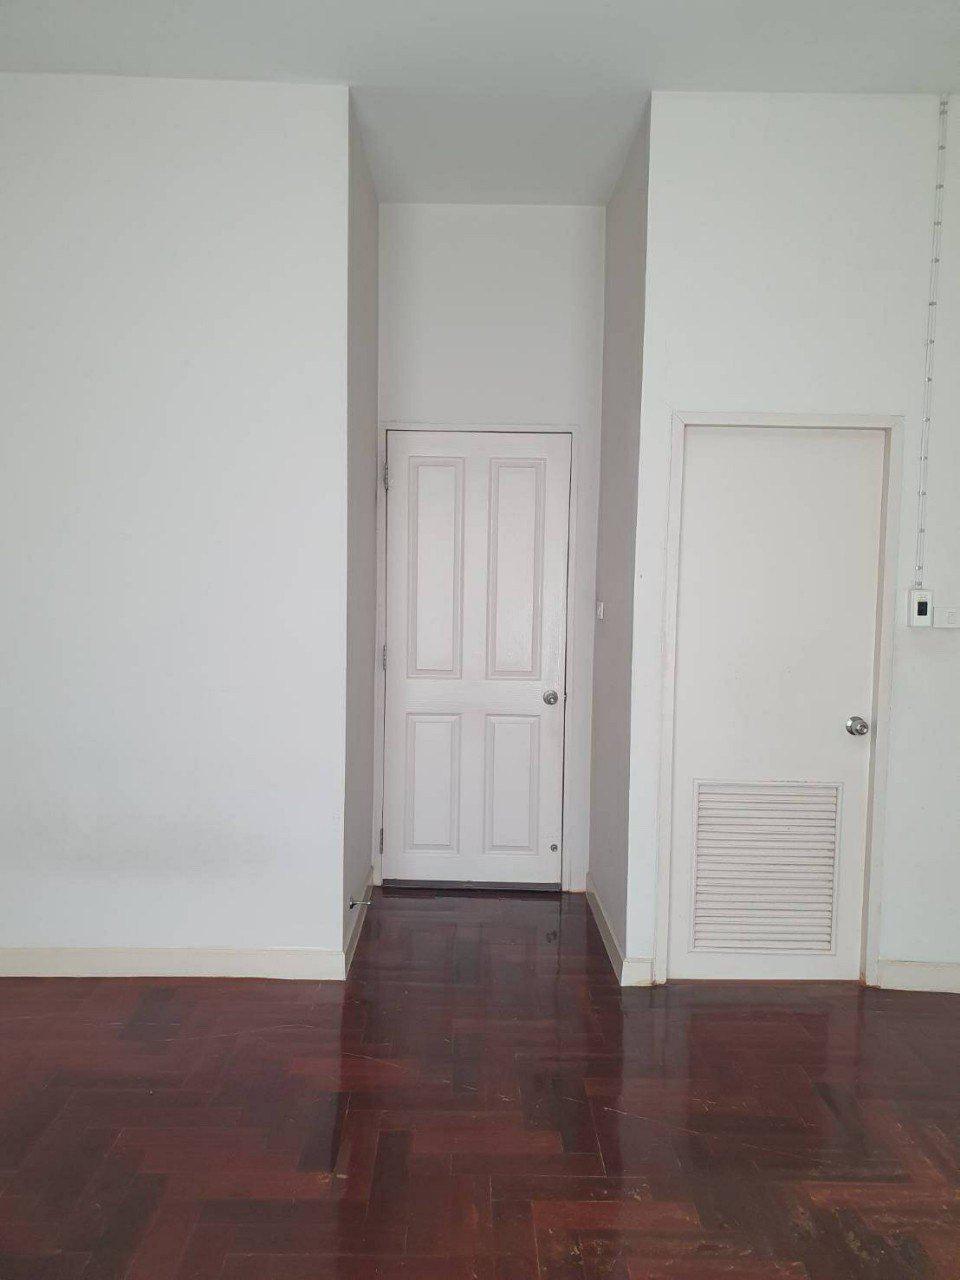 72932 - ขาย ทาวน์โฮม 3 ชั้น บ้านกลางเมือง ลาดพร้าว - โชคชัย 4 ใกล้ทางด่วน เอกมัย - รามอินทรา เนื้อที่ 25.3 ตร. ว. รูปที่ 6